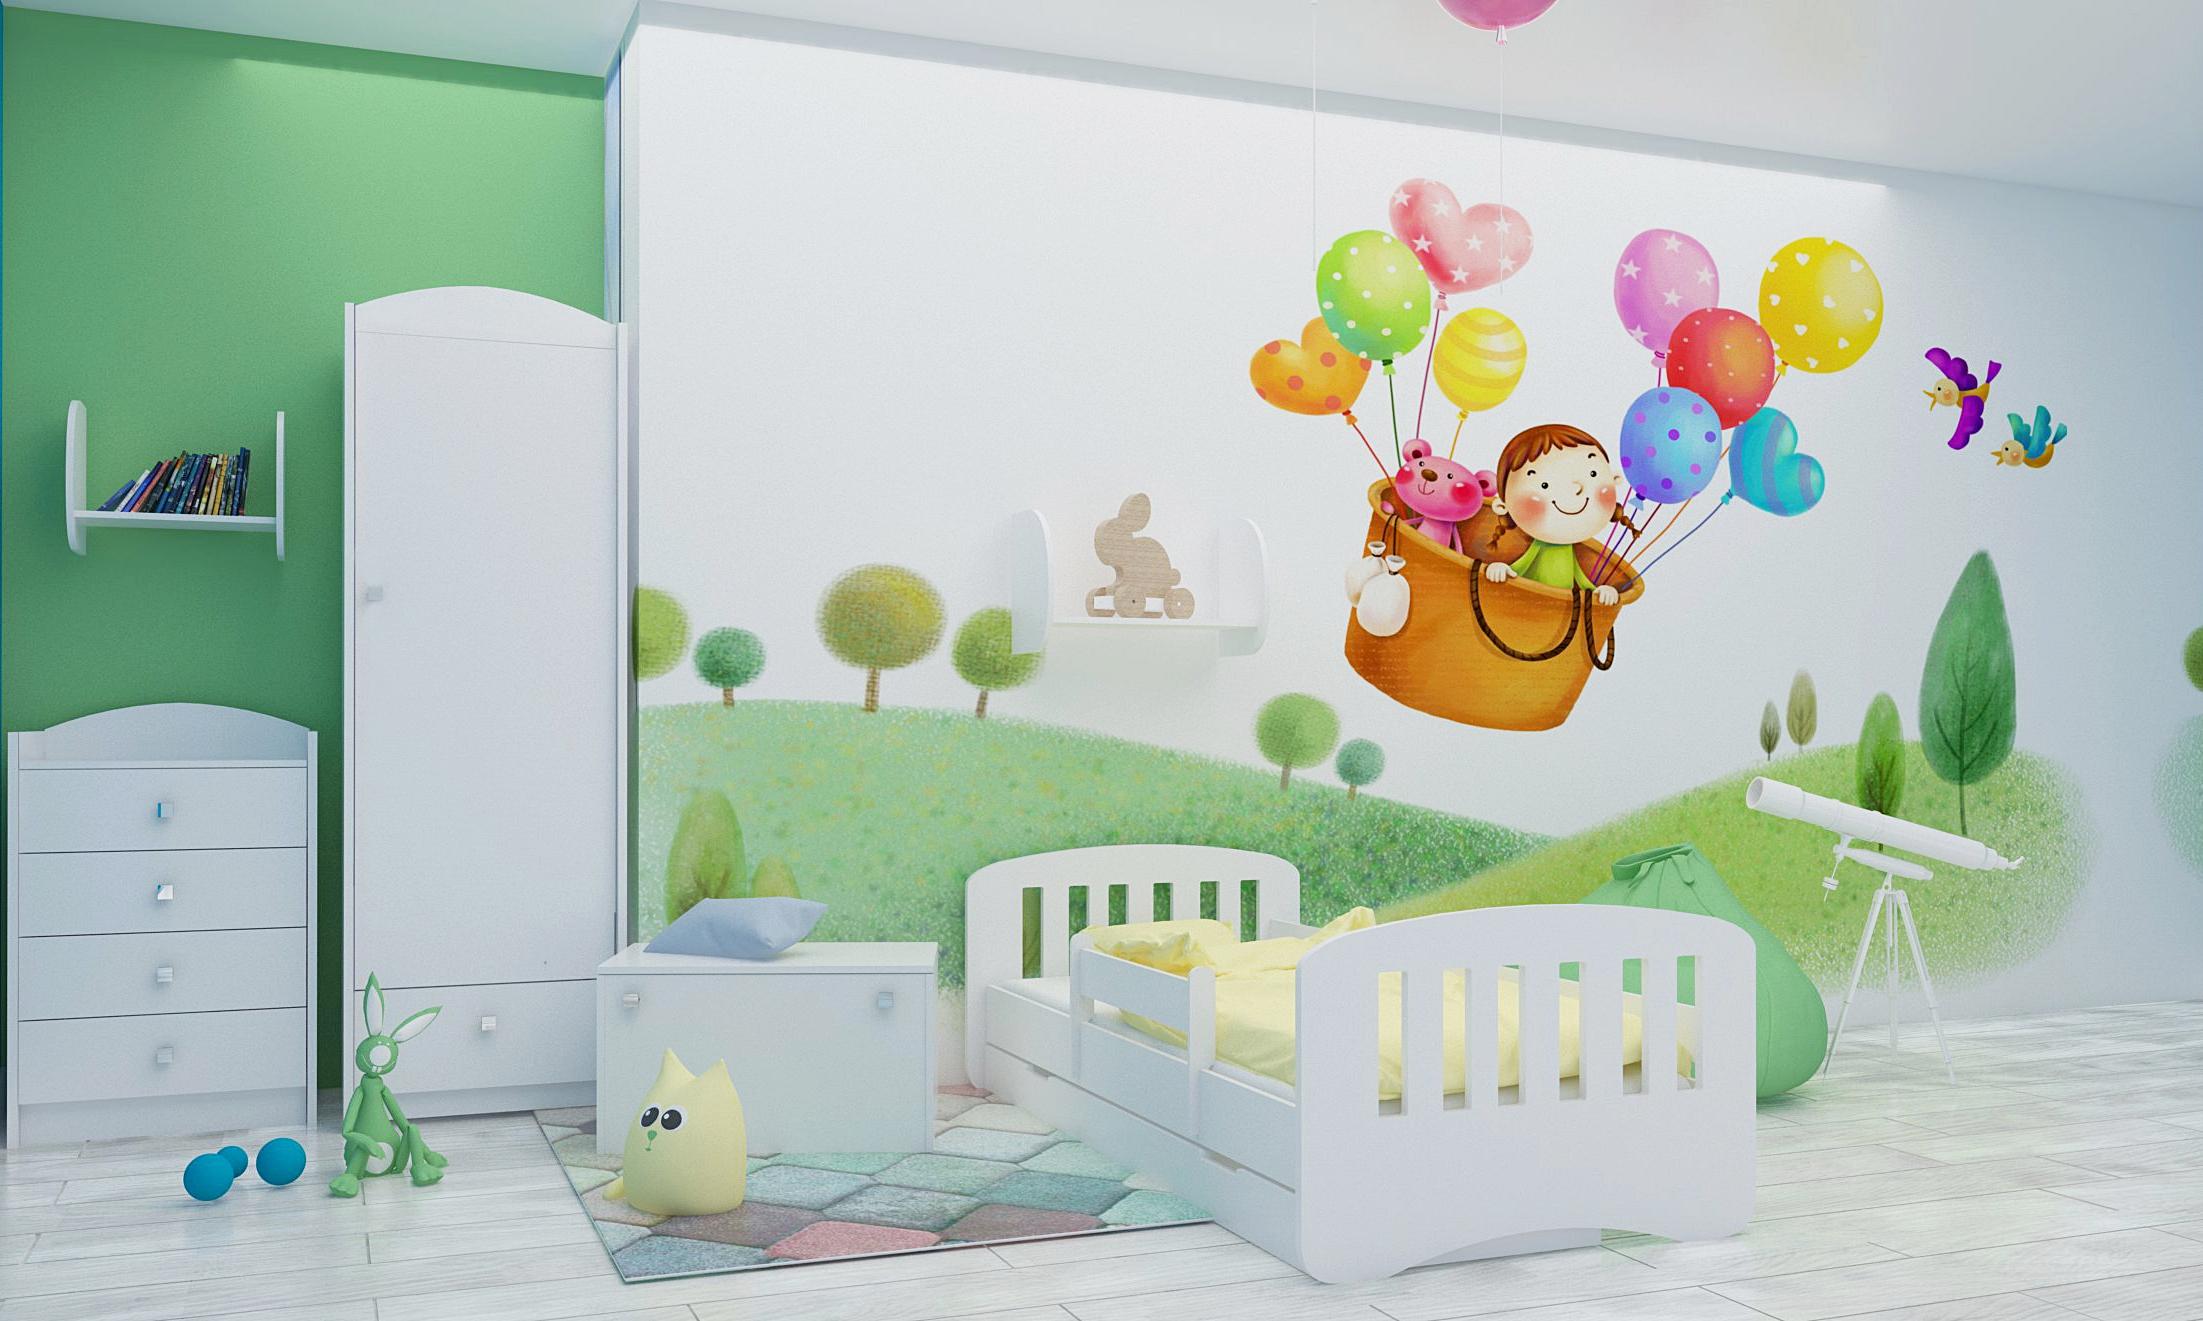 Happy Babies Detská posteľ Happy dizajn/čiarky Farba: Biela / biela, Prevedenie: L04 / 80 x 160 cm /S úložným priestorom, Obrázok: Čiarky